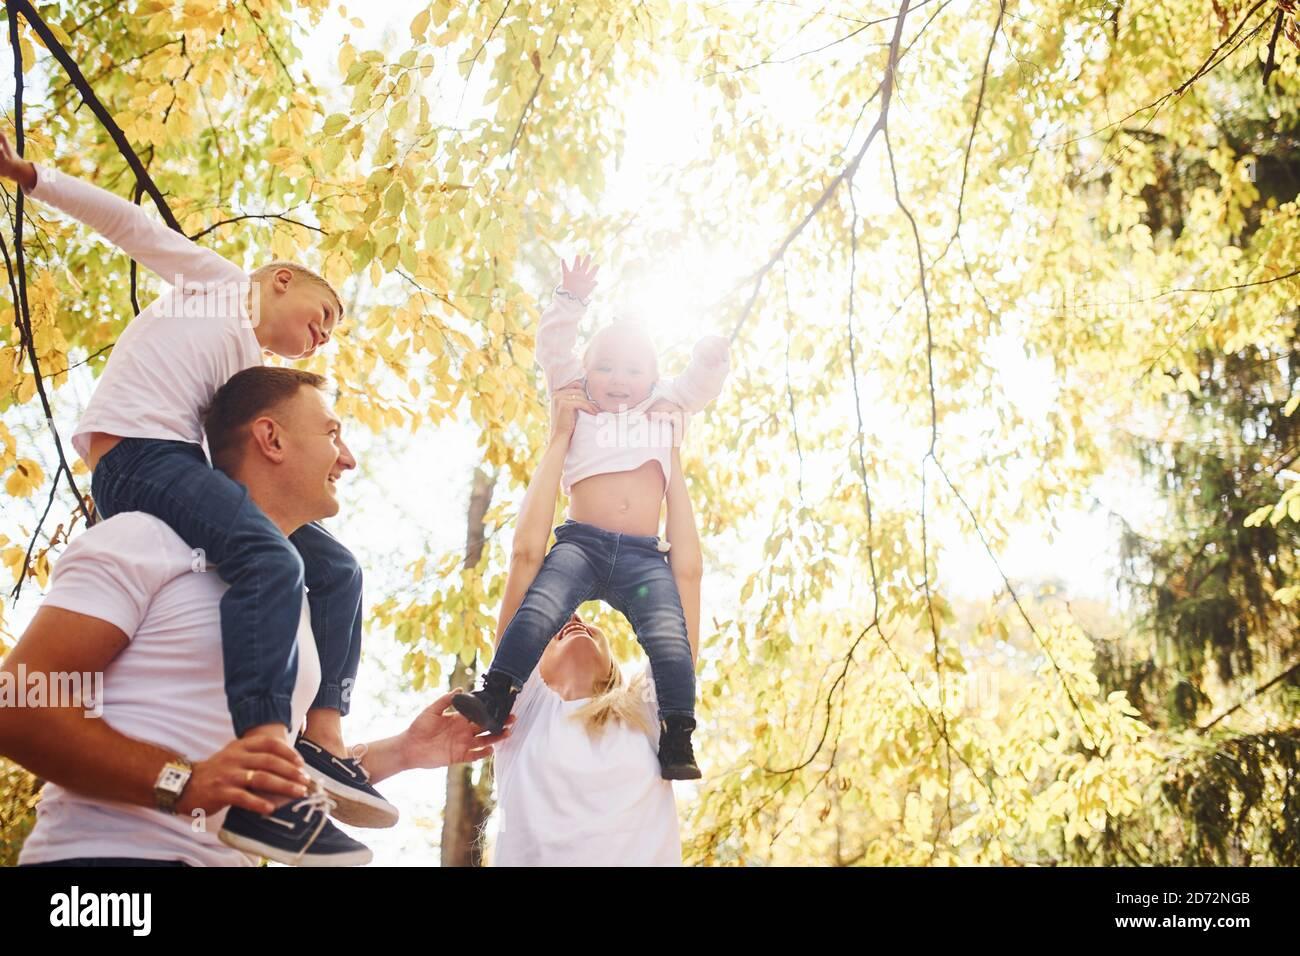 La madre y el papá mantienen a los niños en los hombros y en las manos. Alegre familia joven tienen un paseo juntos en un parque de otoño Foto de stock